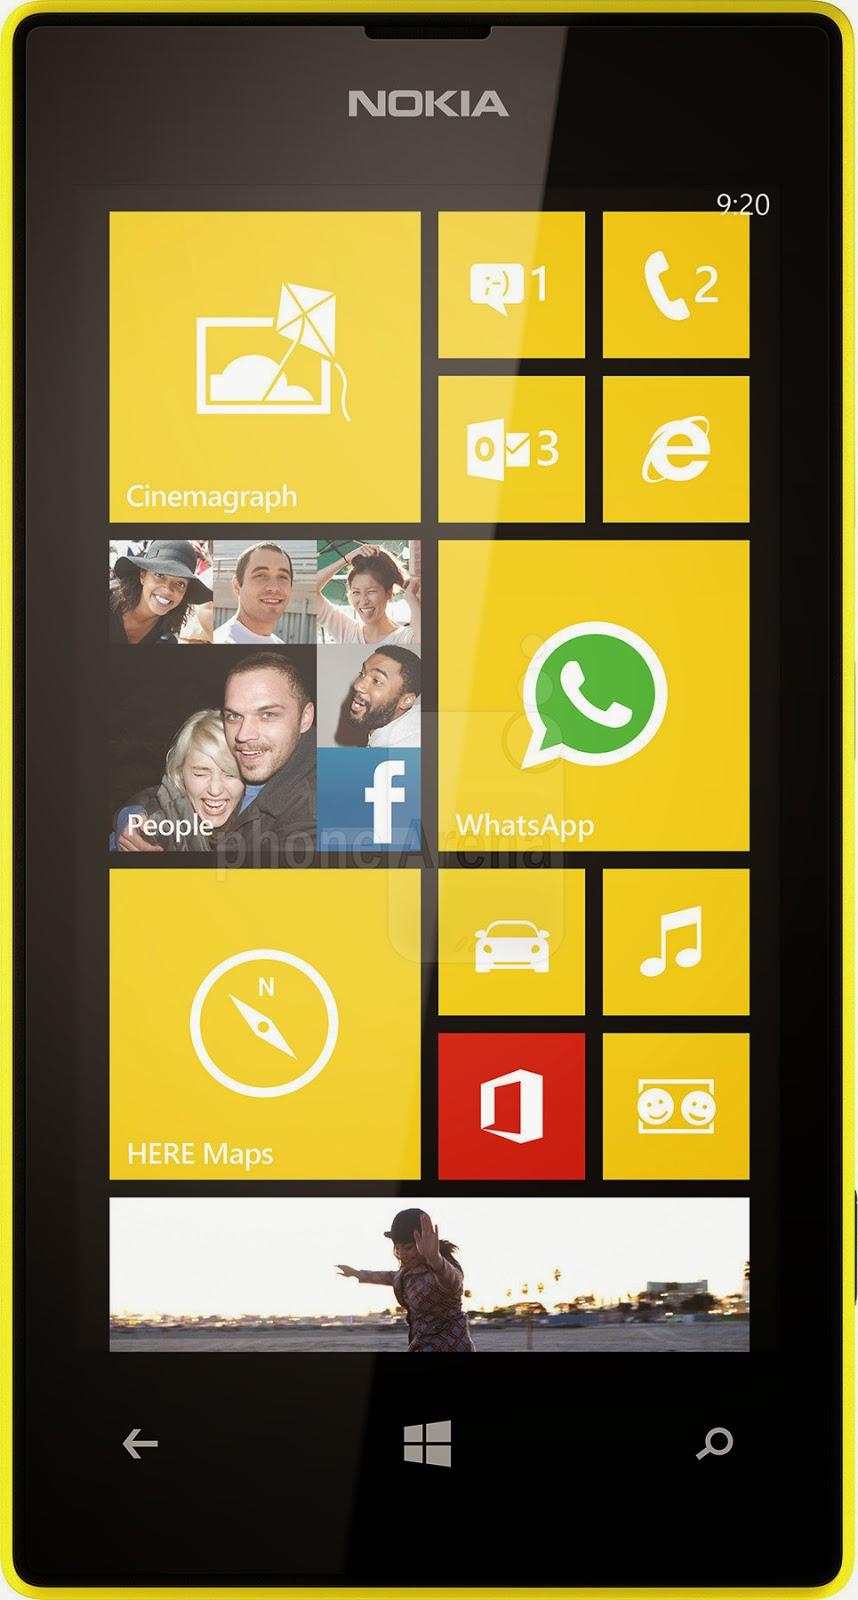 Harga HP Nokia Lumia dan Nokia Asha Bulan Maret 2014